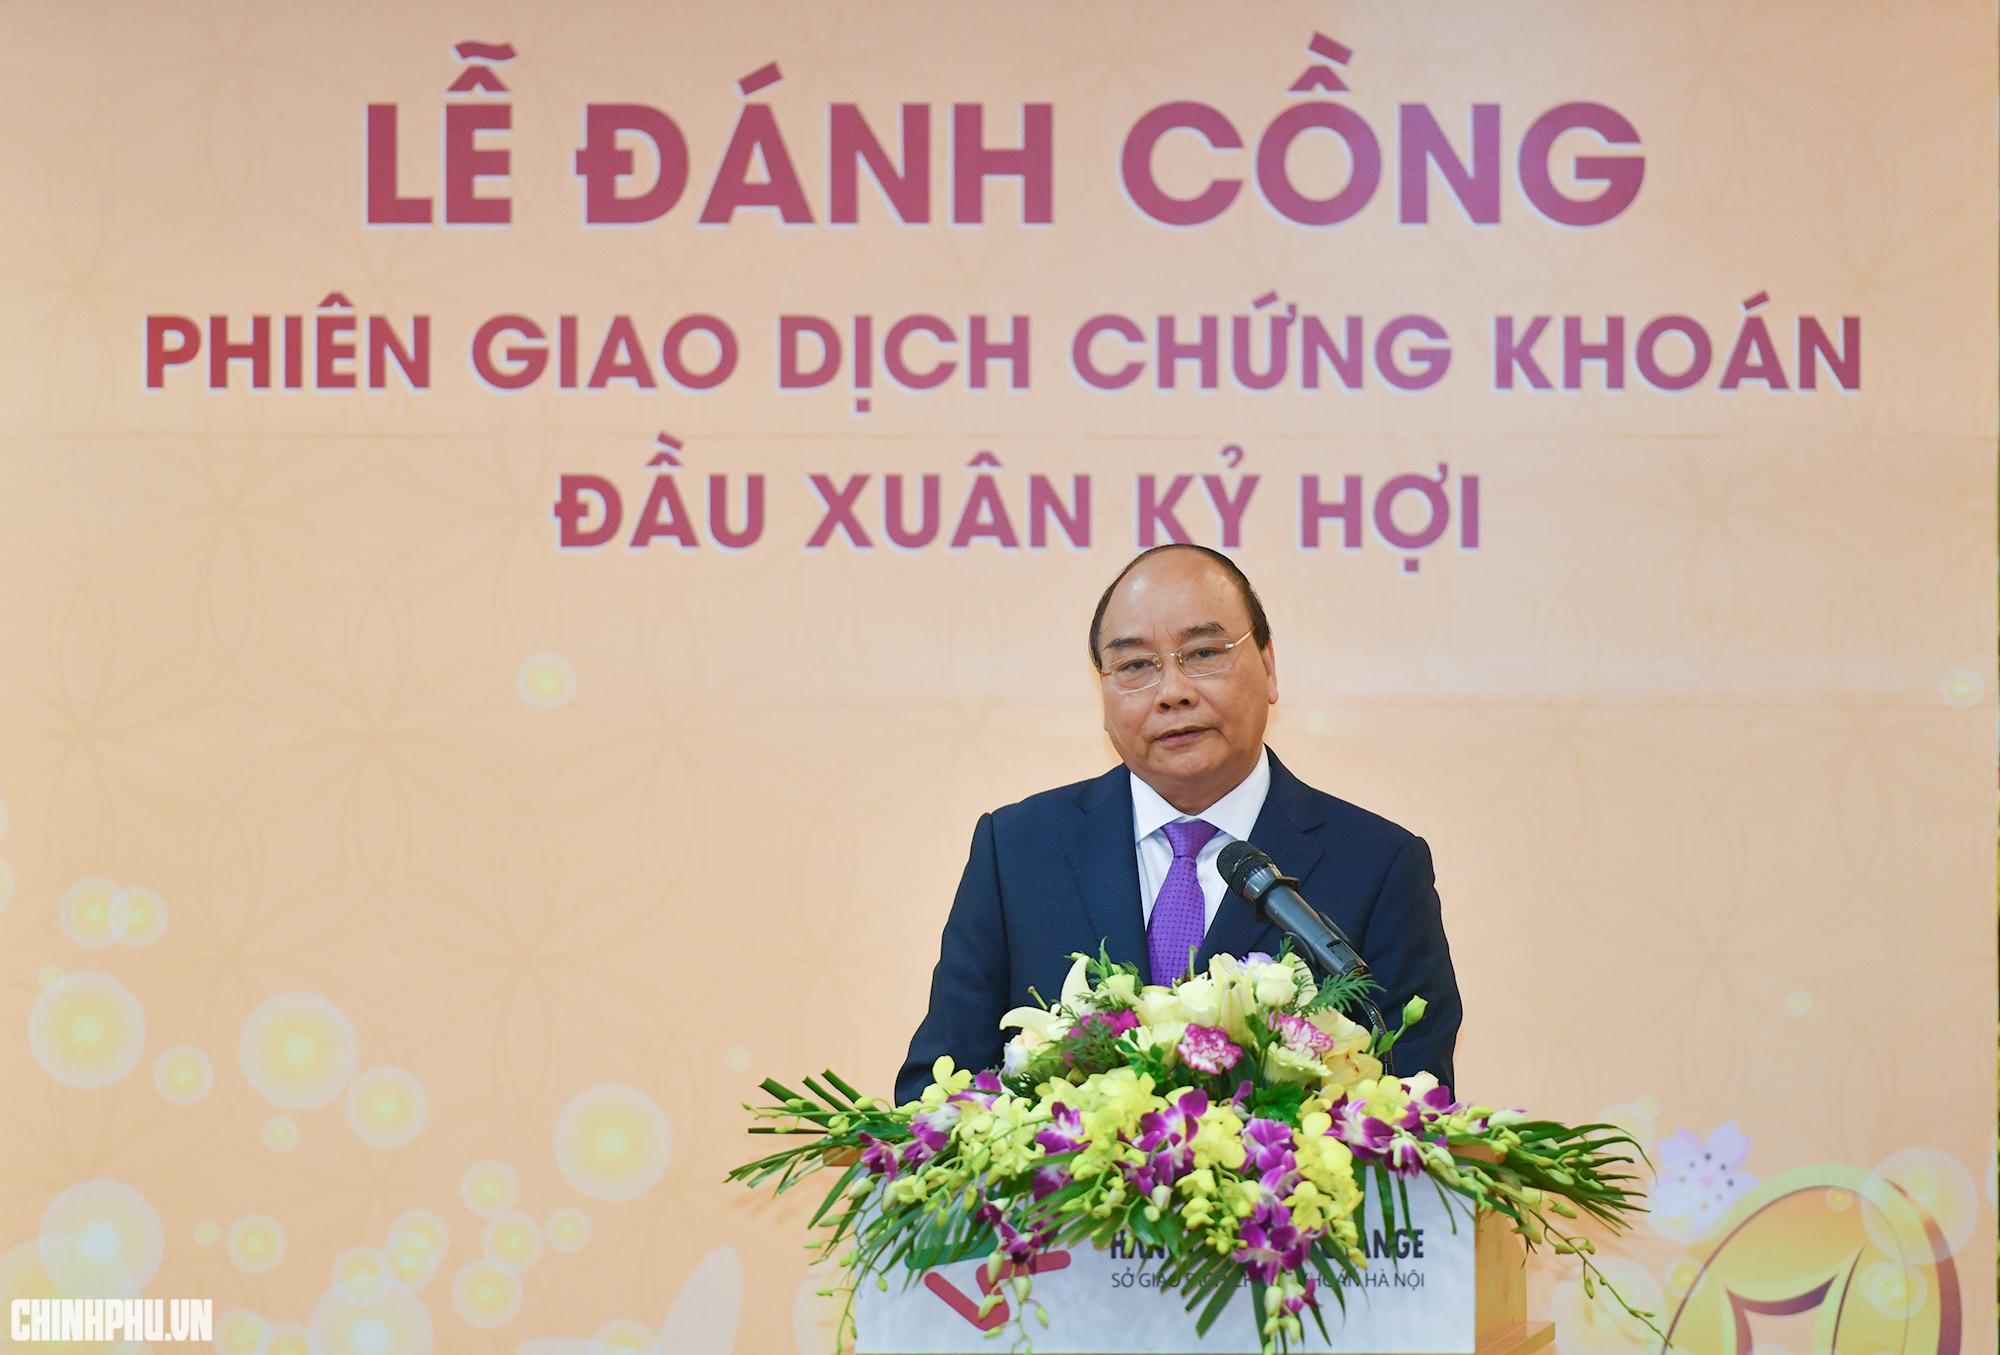 Thủ tướng Chính phủ khai trương phiên giao dịch chứng khoán đầu Xuân